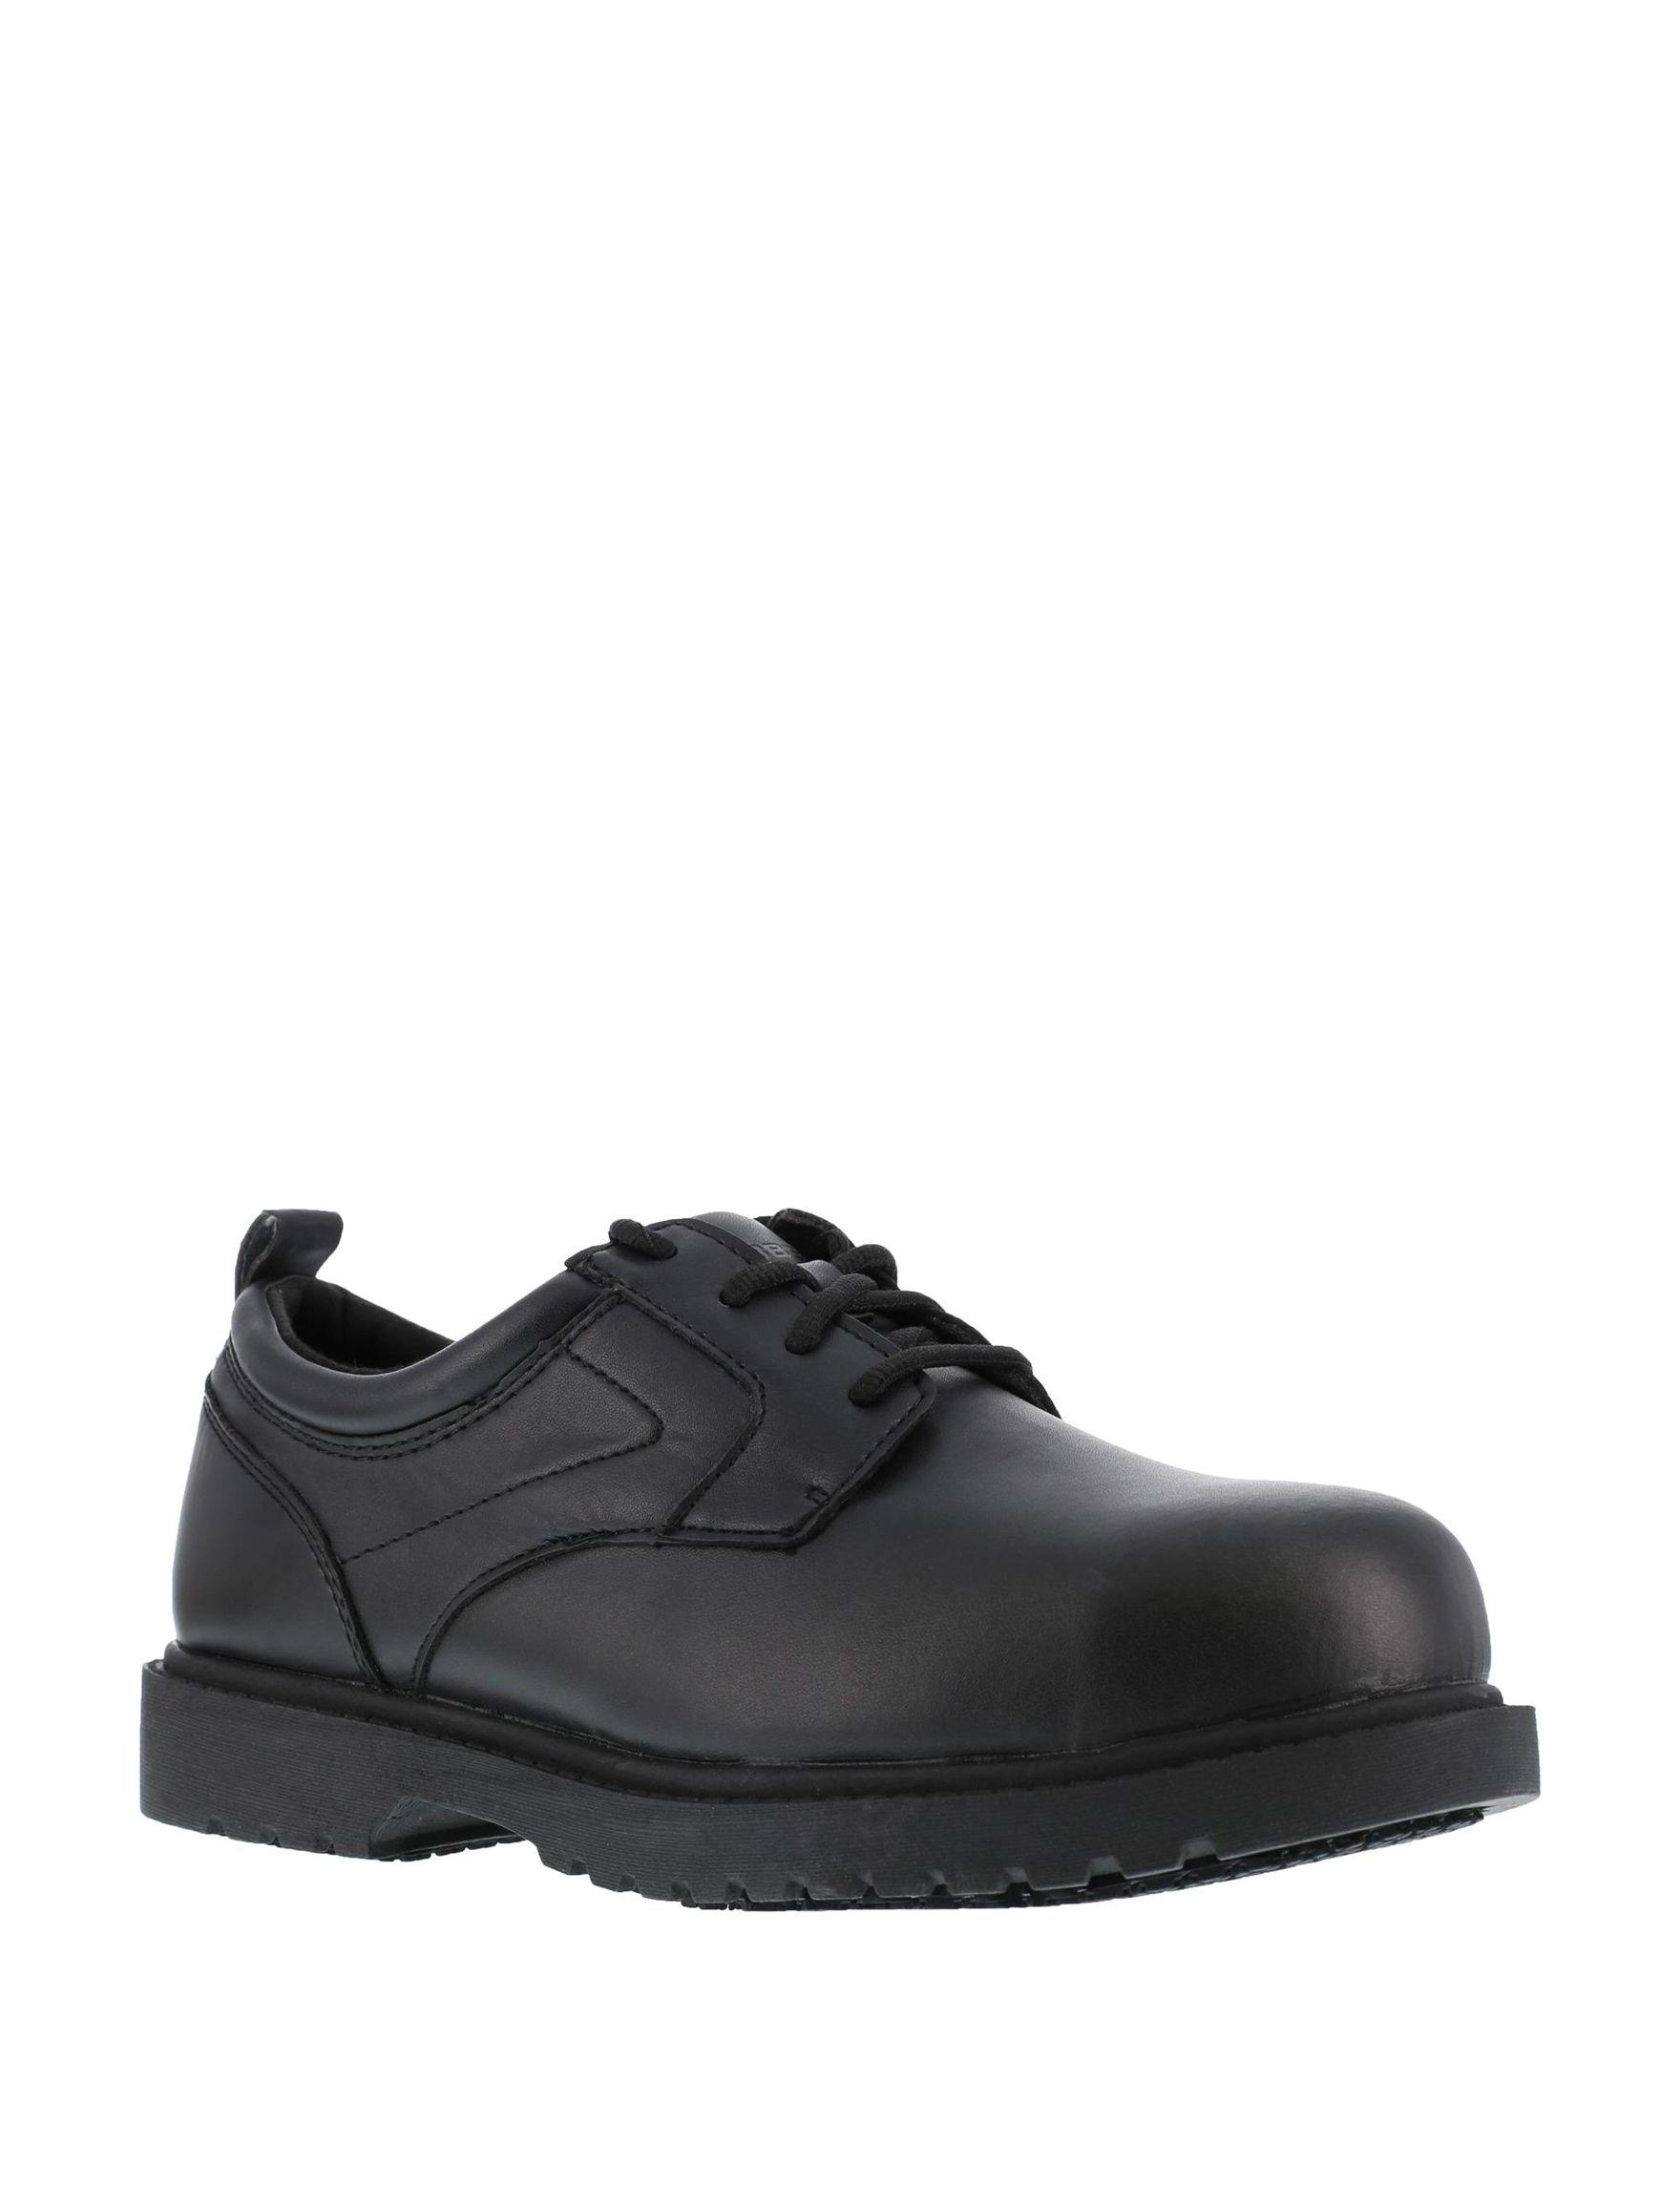 Grabbers Black Slip Resistant Steel Toe